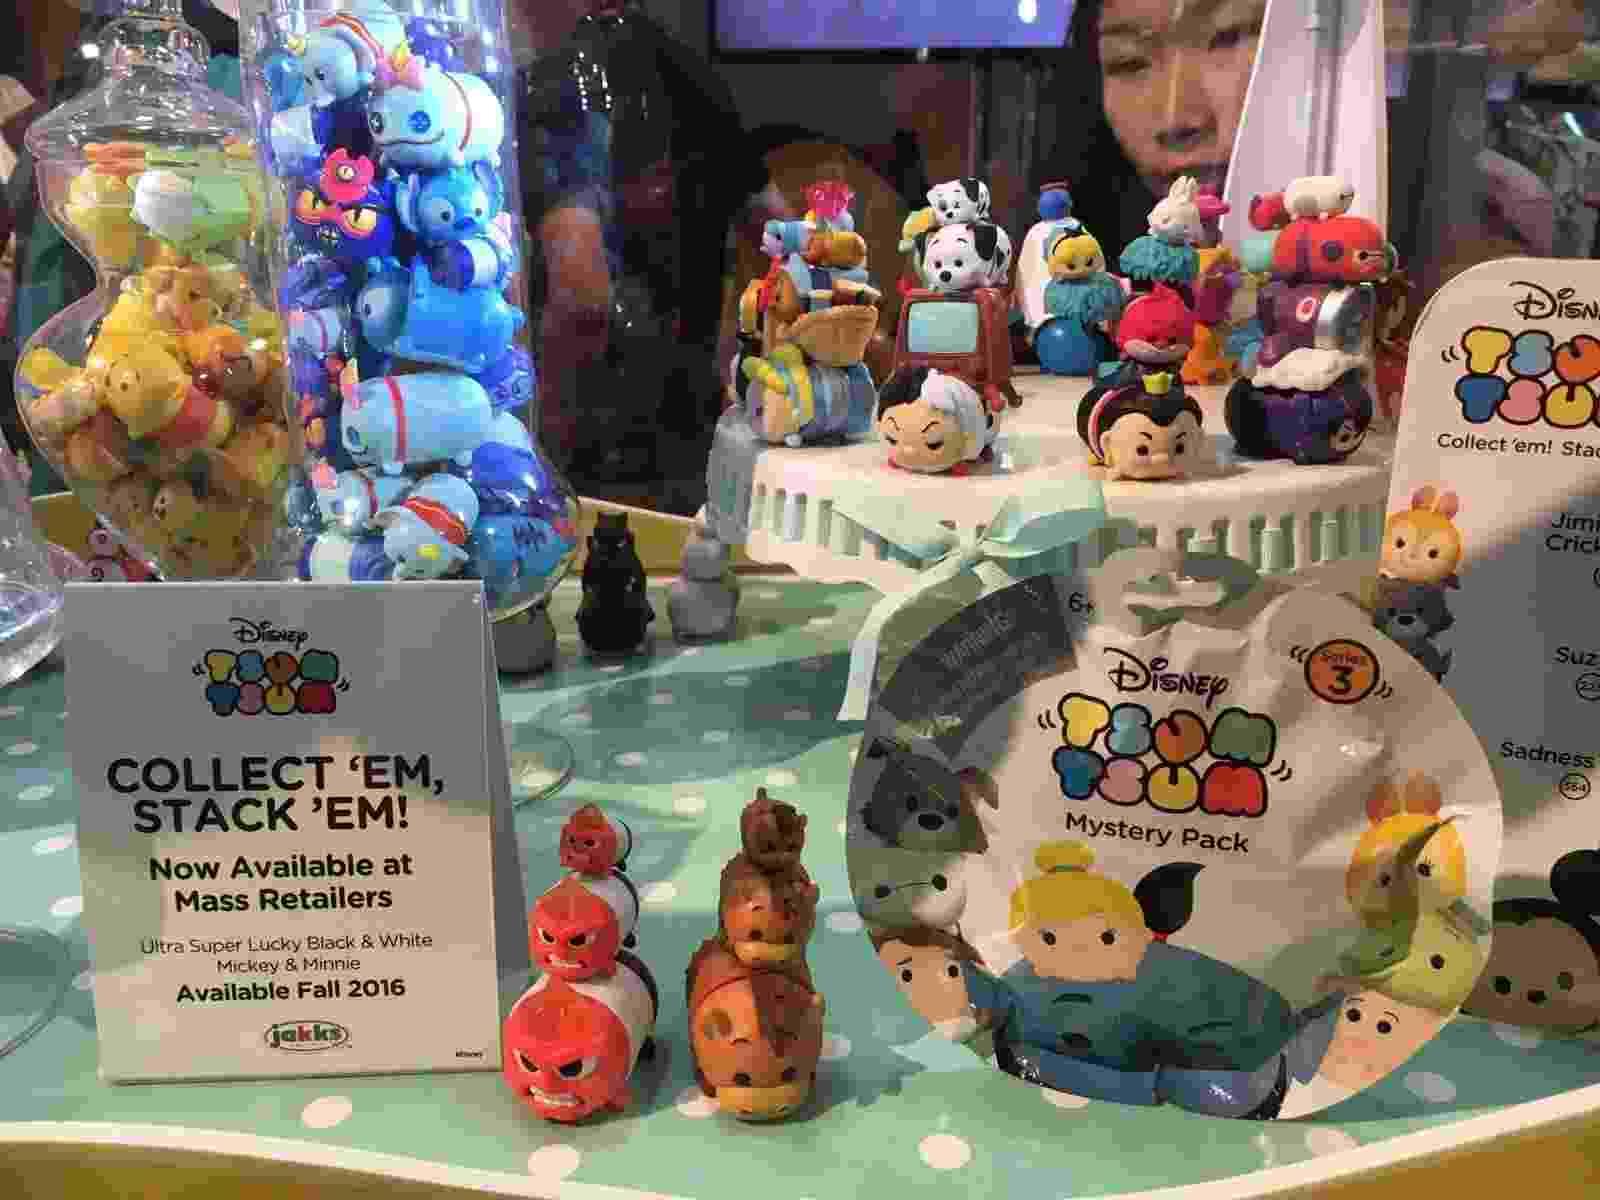 Moda nos EUA, os bonequinhos da linha Tsum Tsum reúne personagens de diversos universos como personagens da Disney e heróis da Marvel - James Cimino/UOL